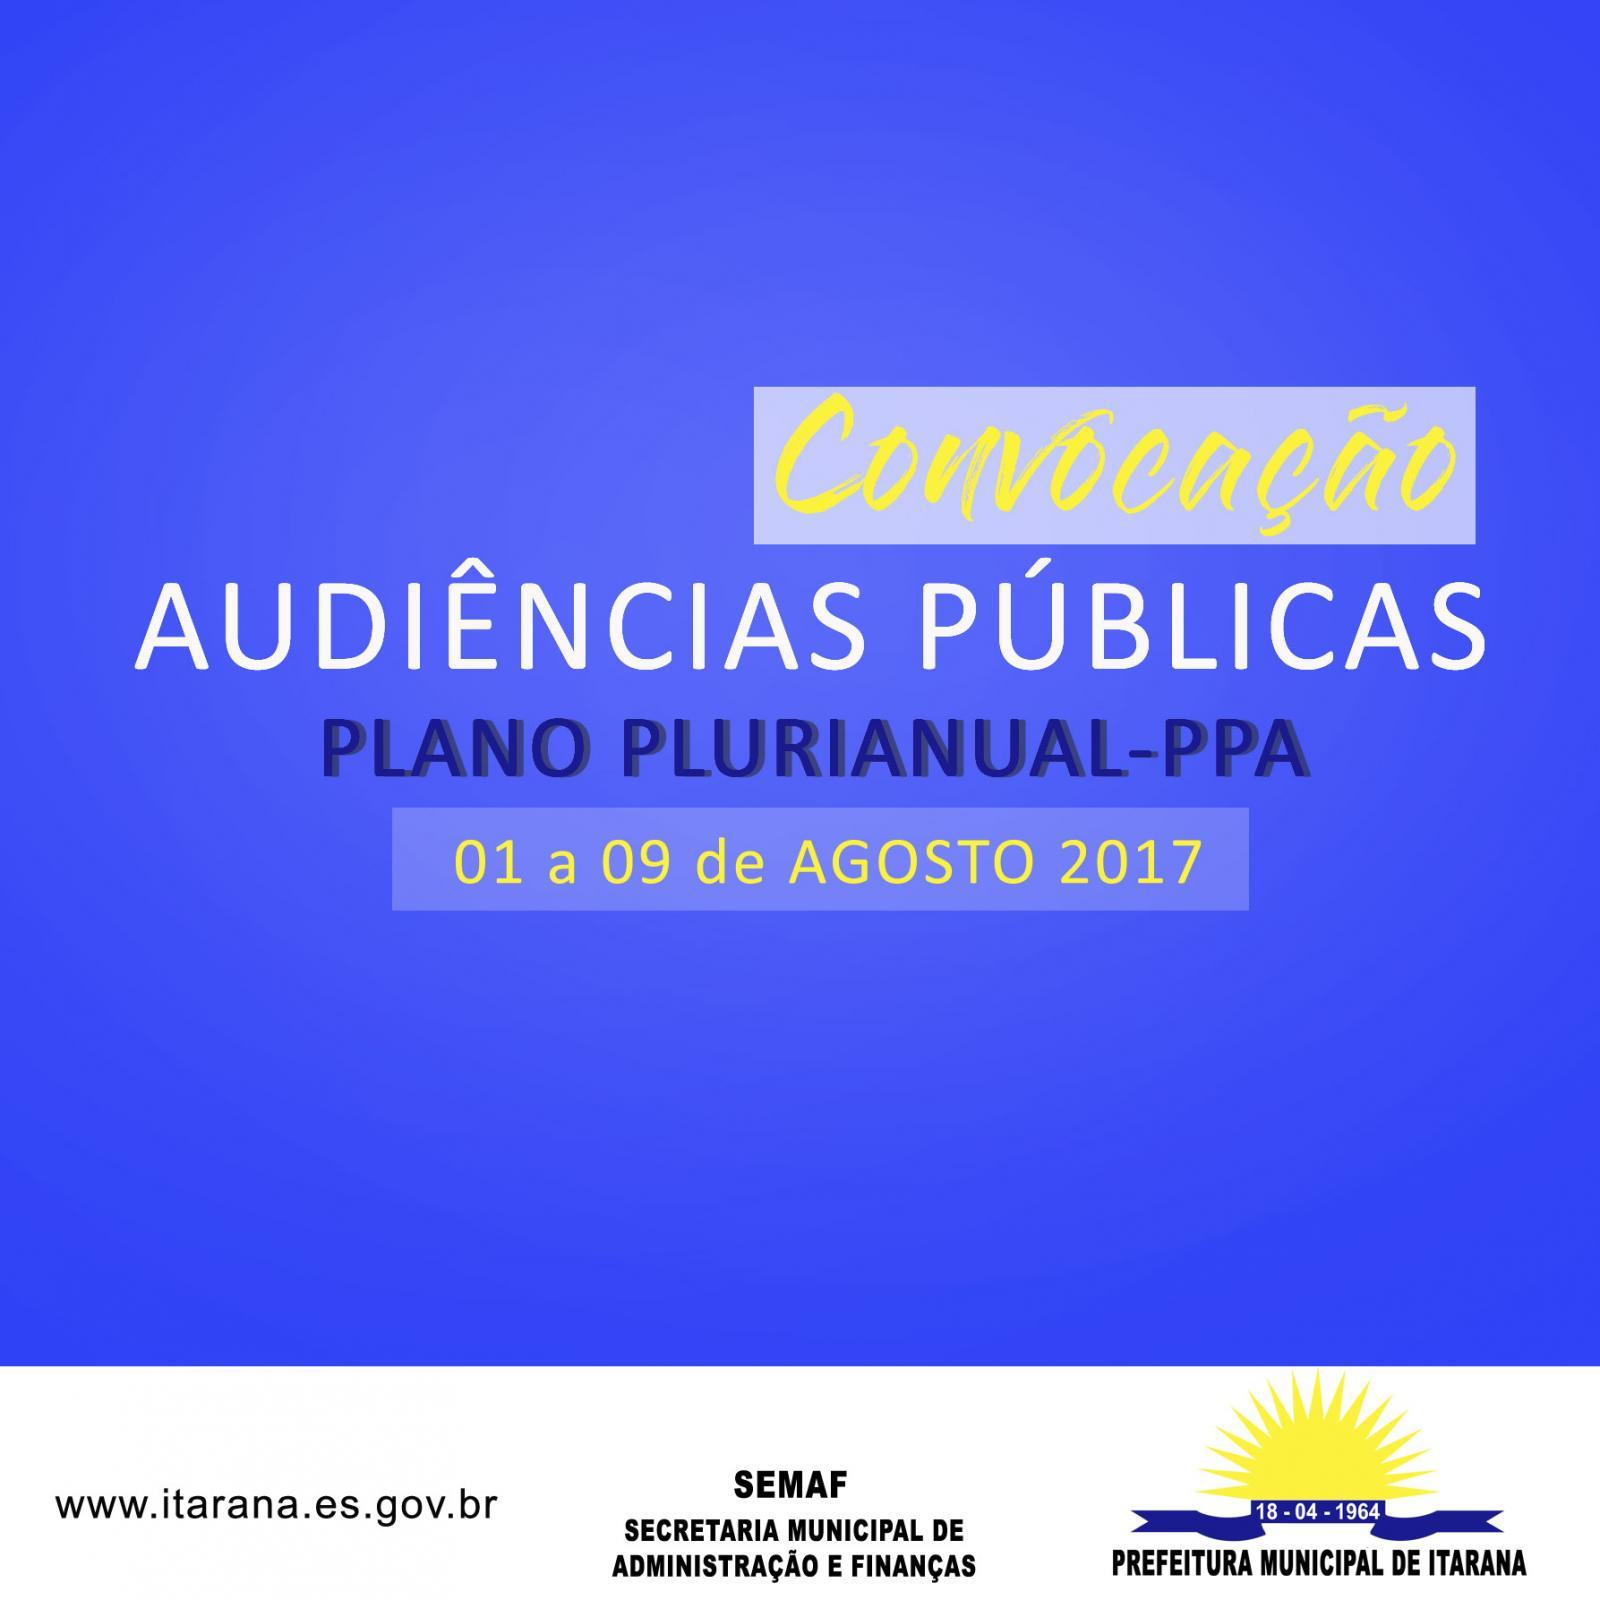 Audiências Públicas do PPA terminam nesta semana